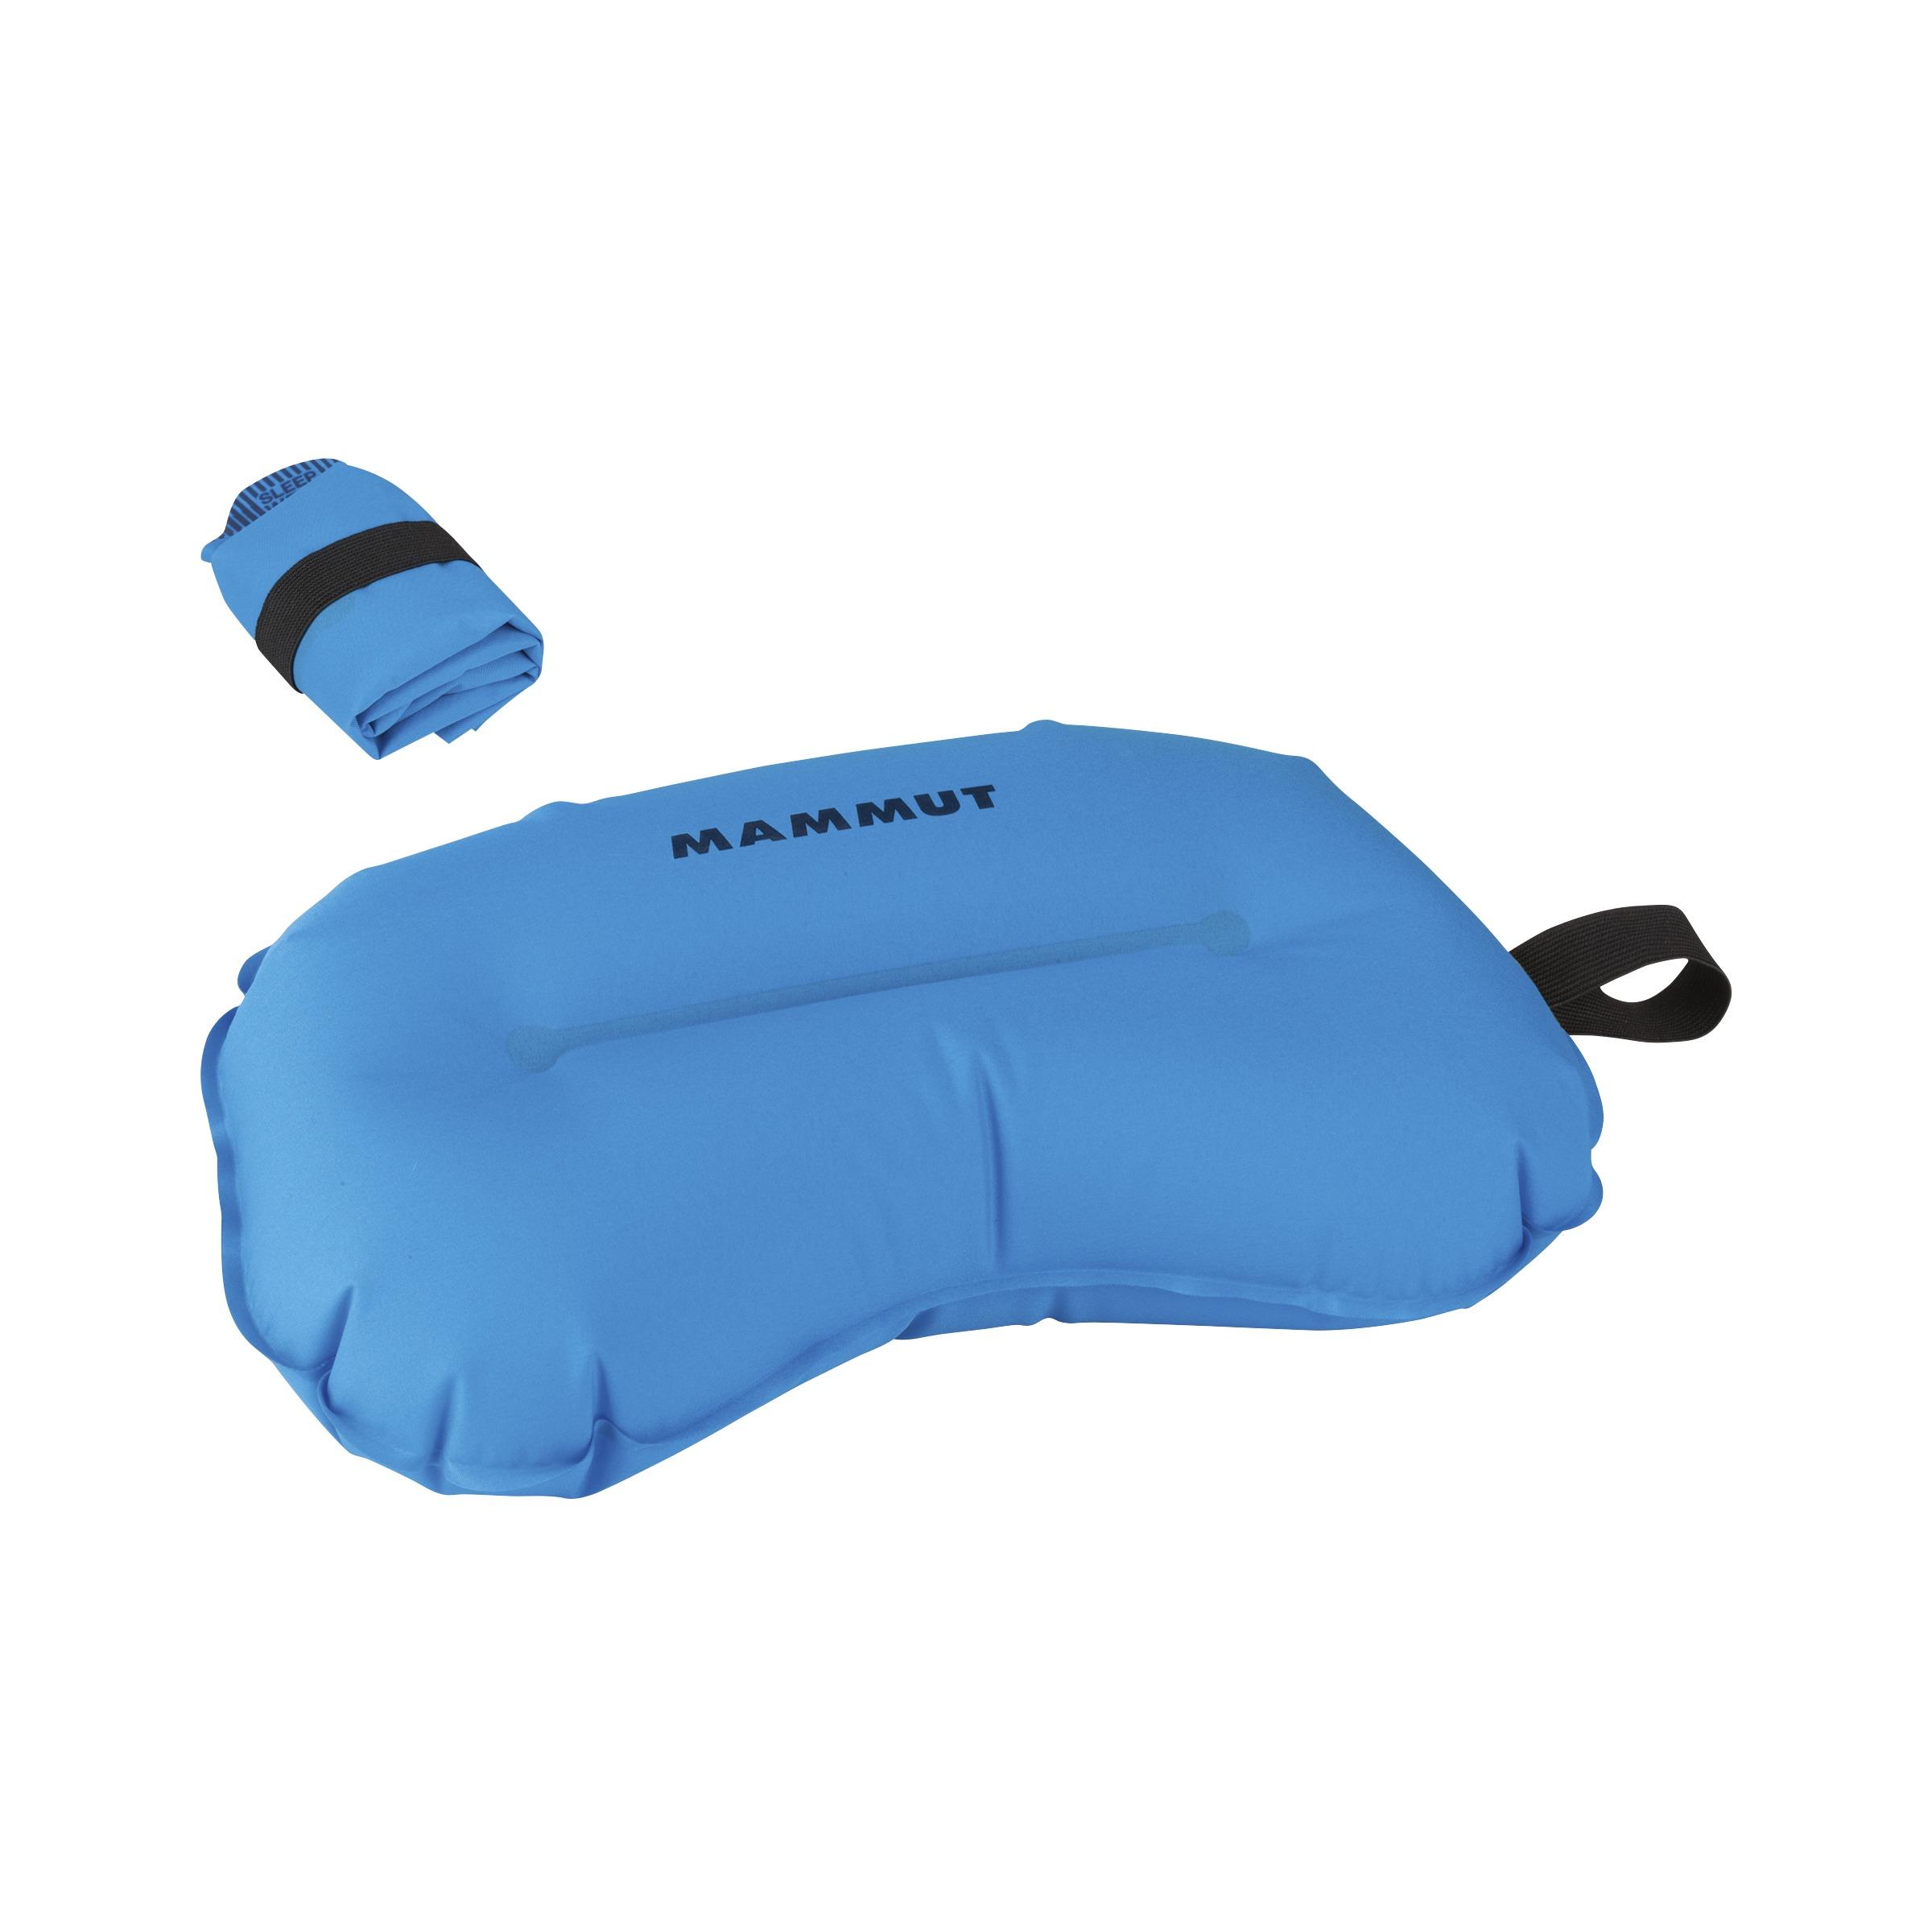 Mammut Air Pillow - Kissen